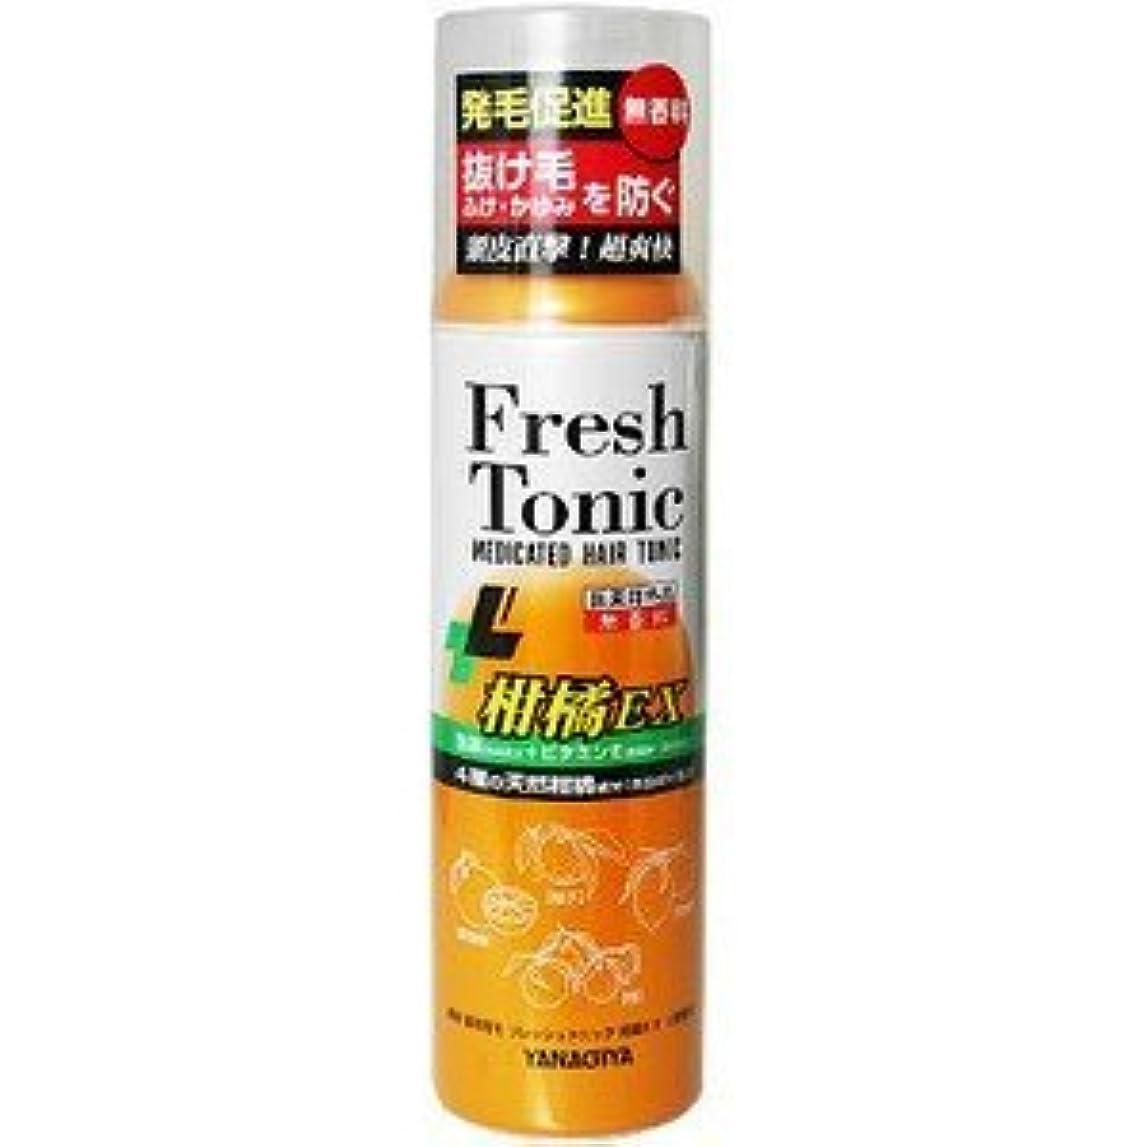 【柳屋本店】薬用育毛 フレッシュトニック 柑橘EX 無香料 190g(医薬部外品)